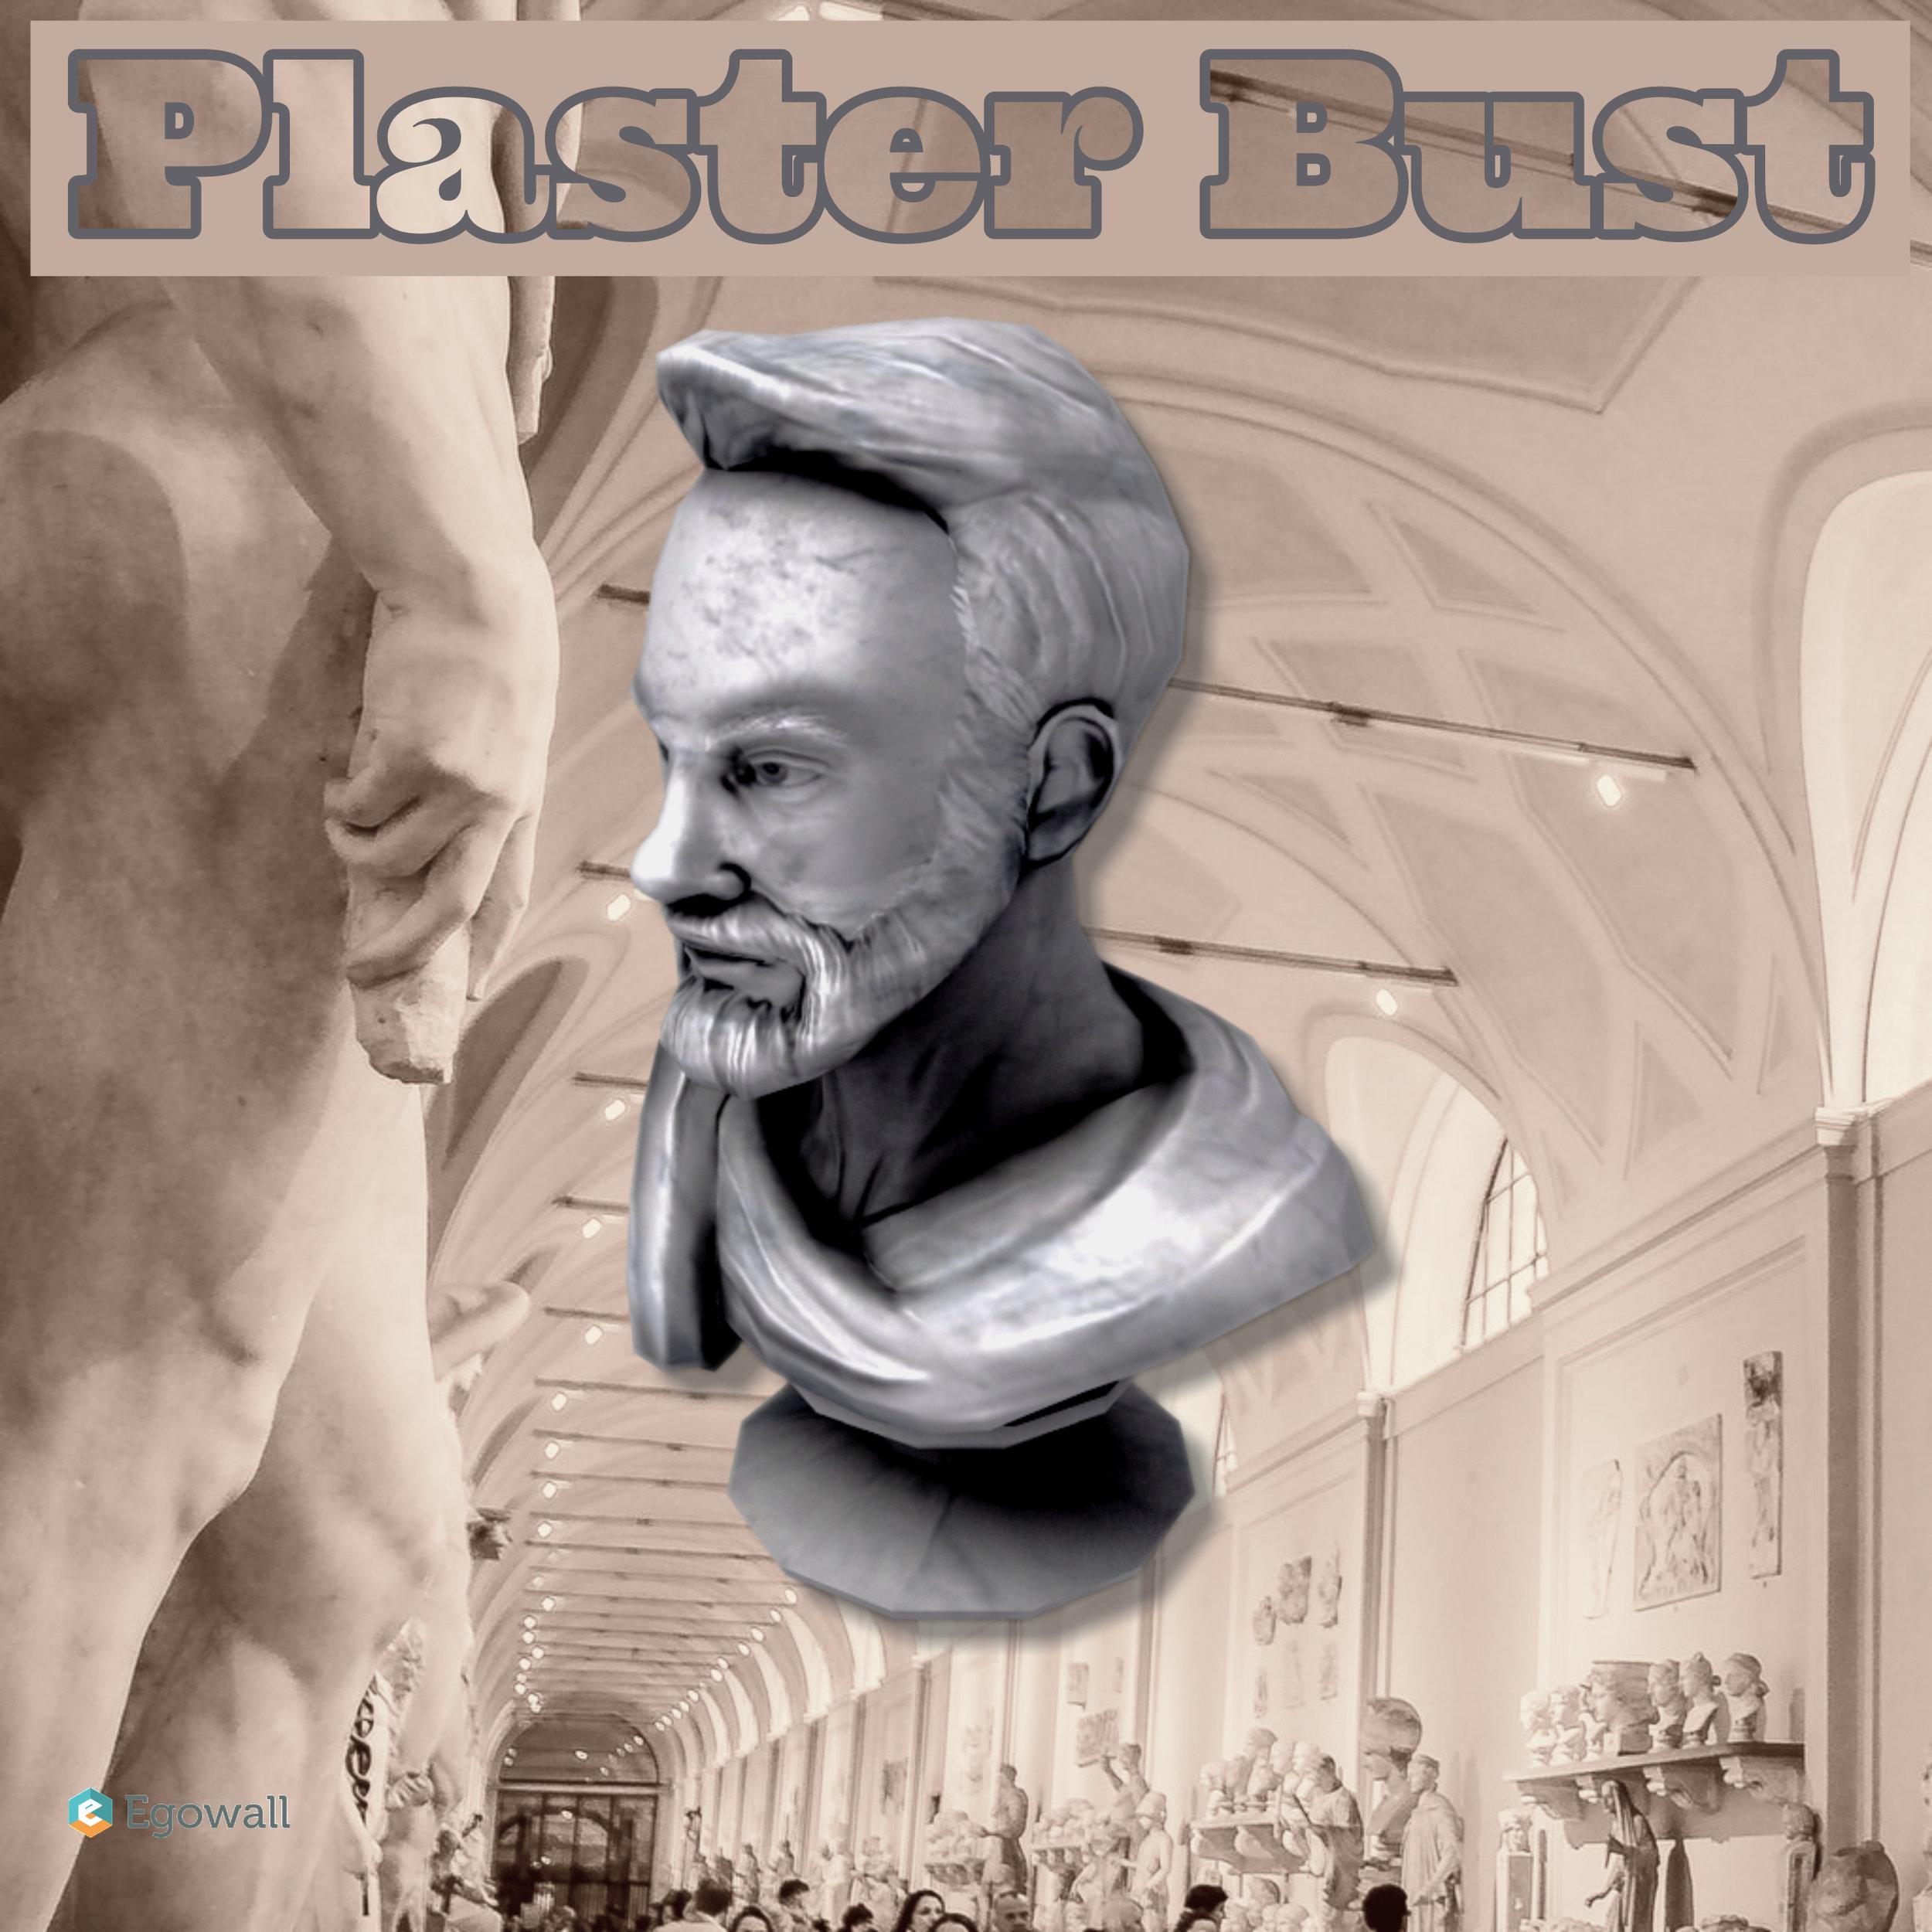 Plaster Bust.Instagram.jpg